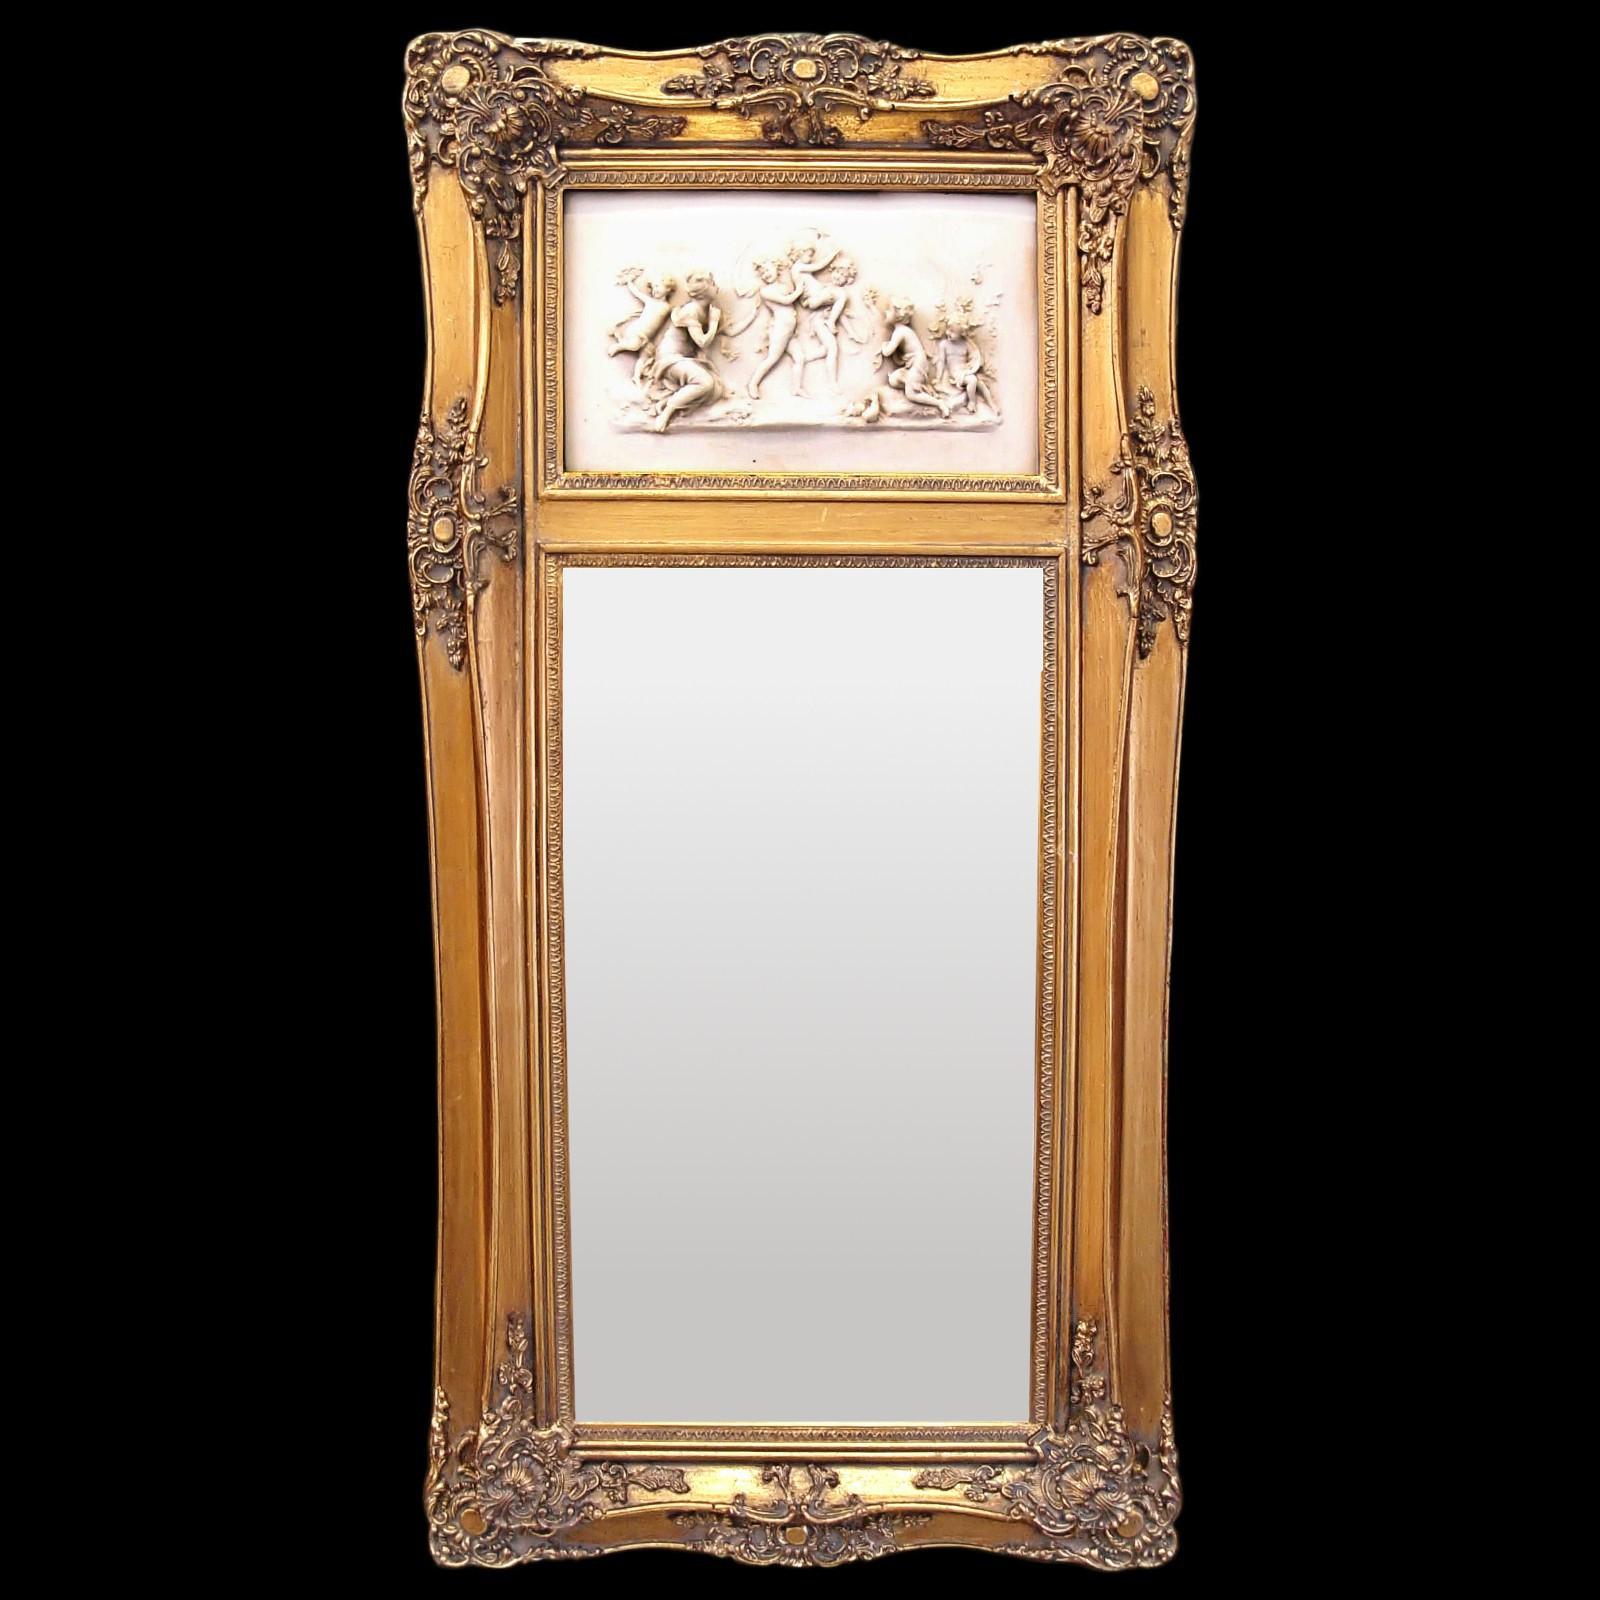 Higher Length Mirror Gold 3d Image Nostalgia Scene 2 Women Kids